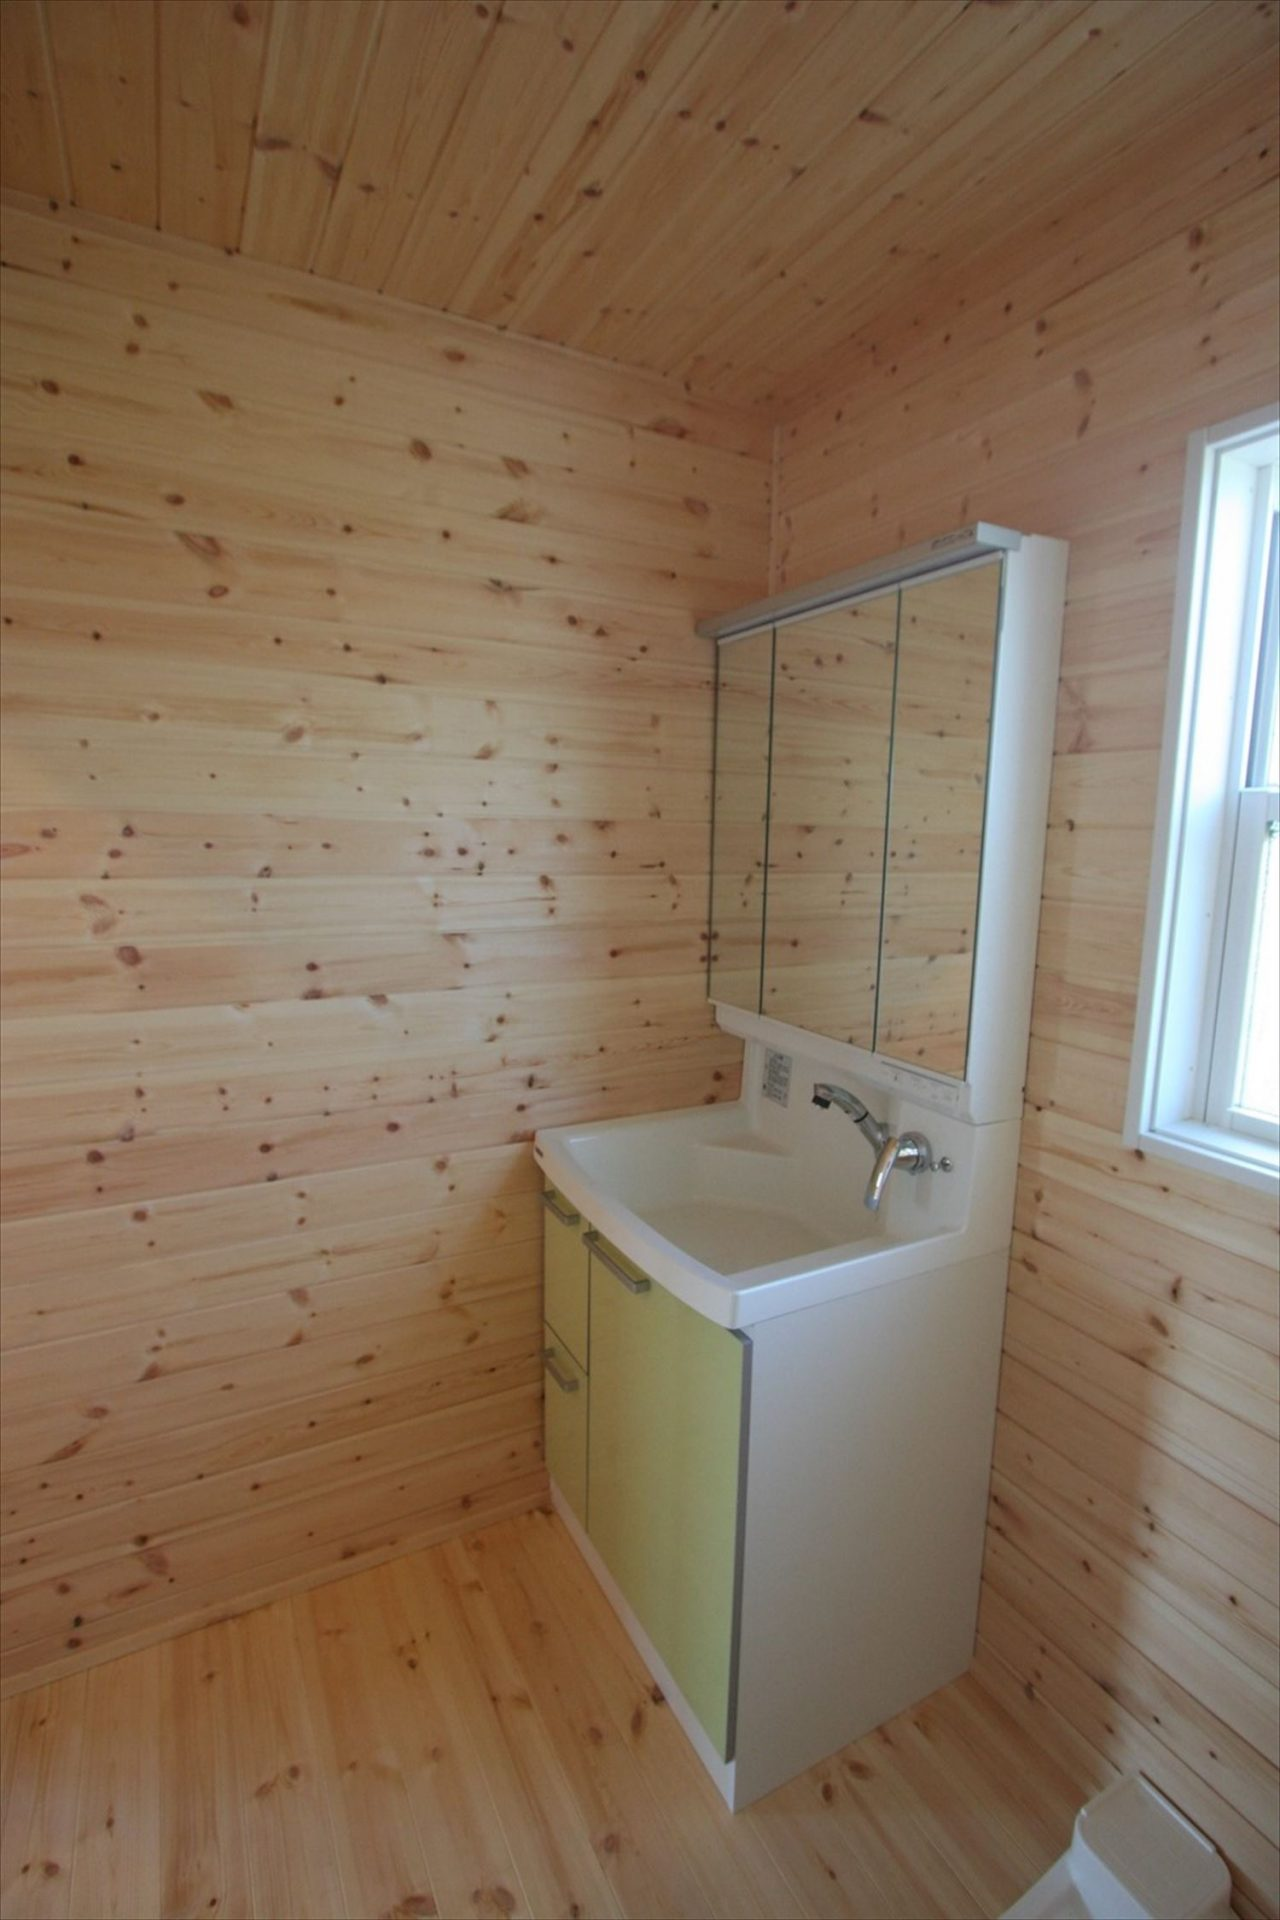 ドッグランのある3LDK平屋の洗面台|群馬県の注文住宅,ログハウスのような木の家を低価格で建てるならエイ・ワン